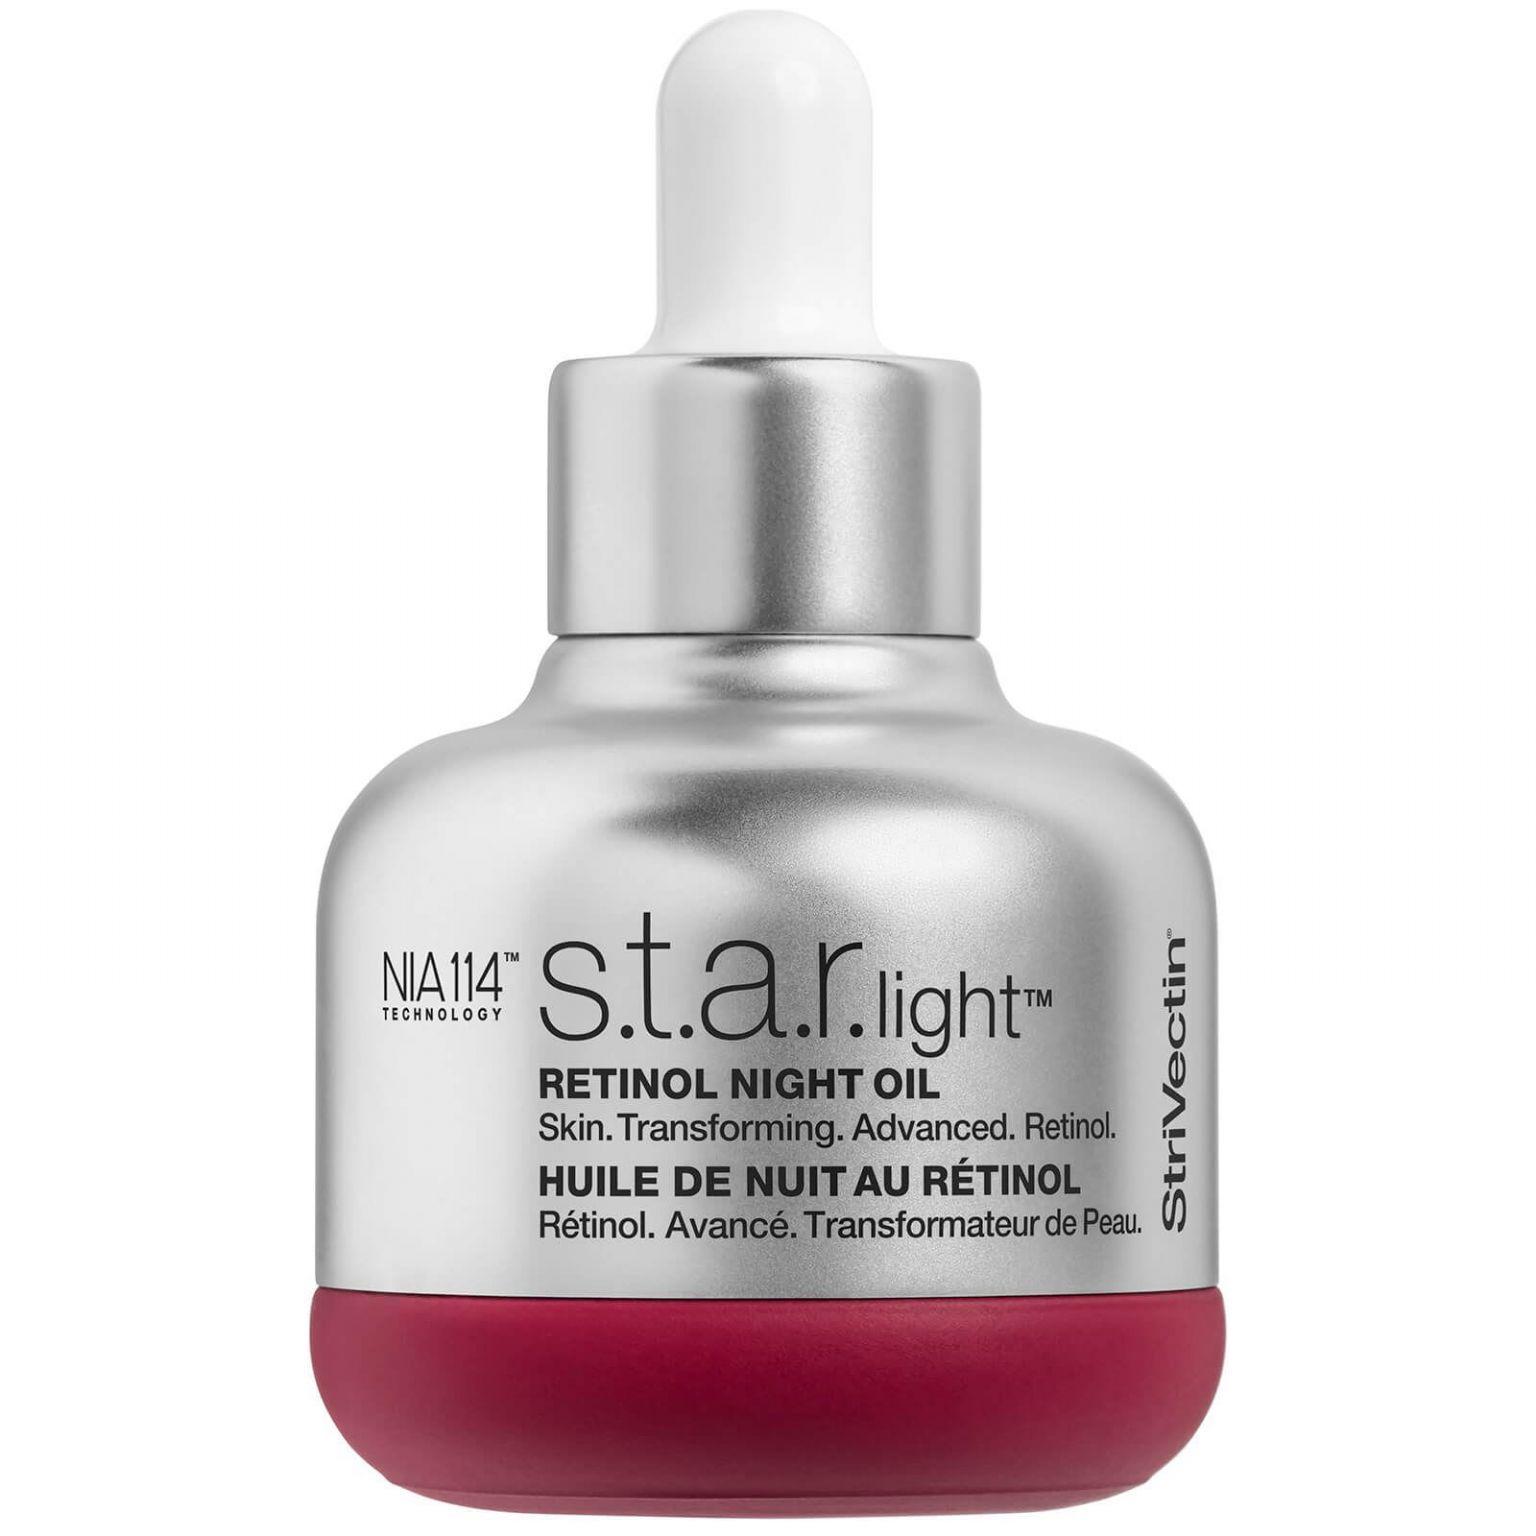 s.t.a.r.light Retinol Night Oil